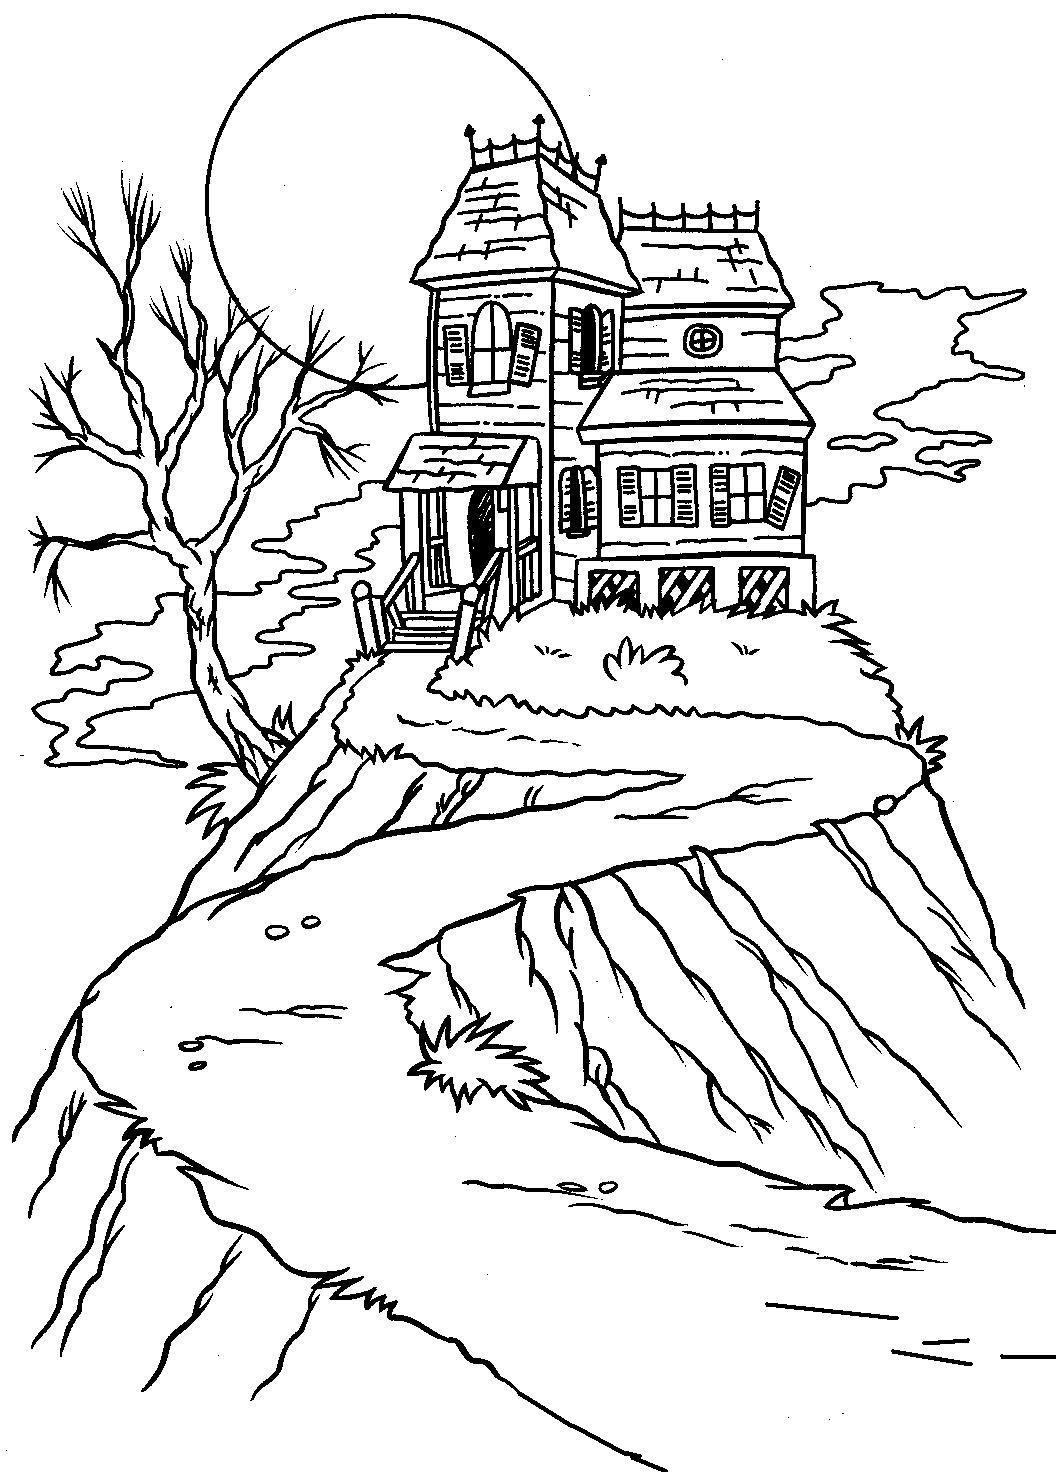 Halloween Coloring Pictures Lijntekeningen Eenvoudige Tekeningen Potlood Schetsen